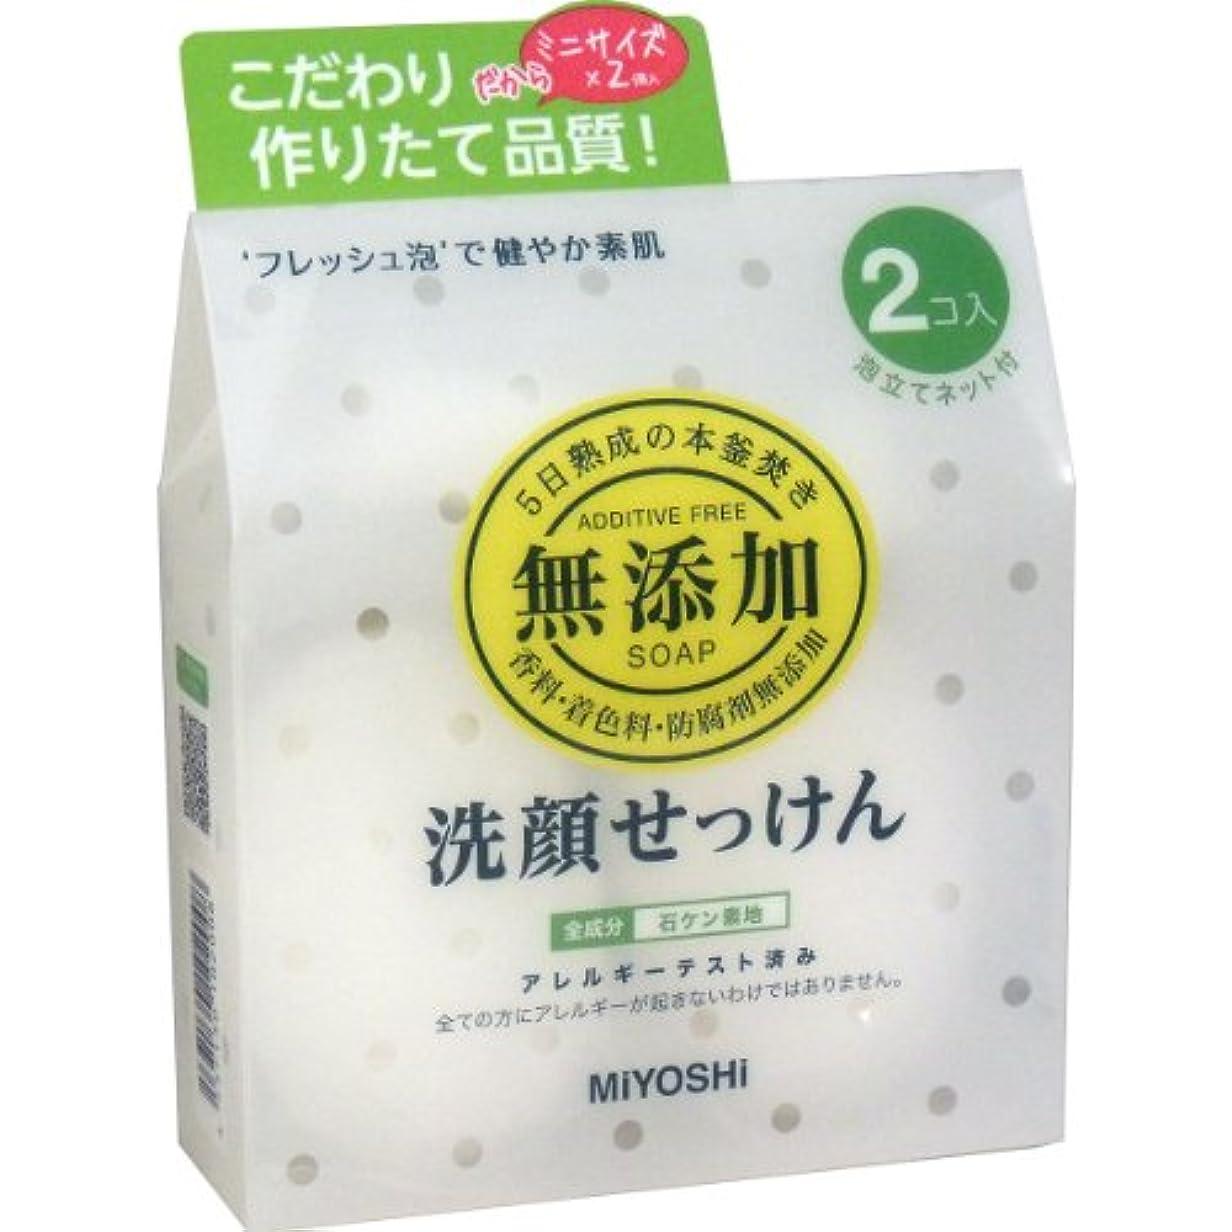 【まとめ買い】ミヨシ石鹸 無添加洗顔せっけん2個入 80g ×2セット